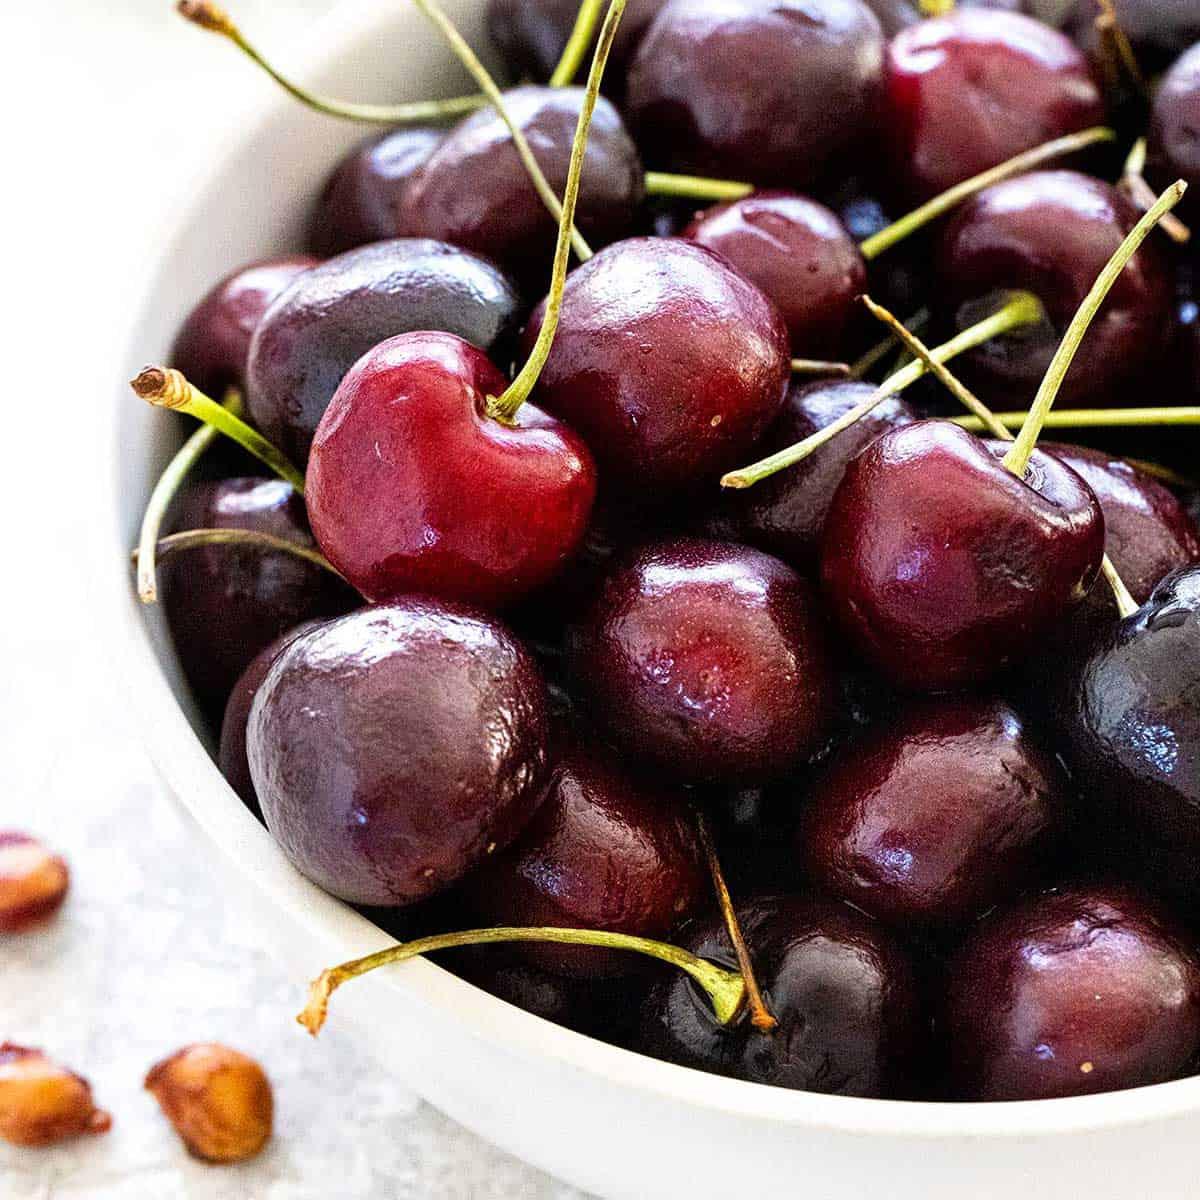 Full Moon Recipe for September: Frozen Cherry Cobbler